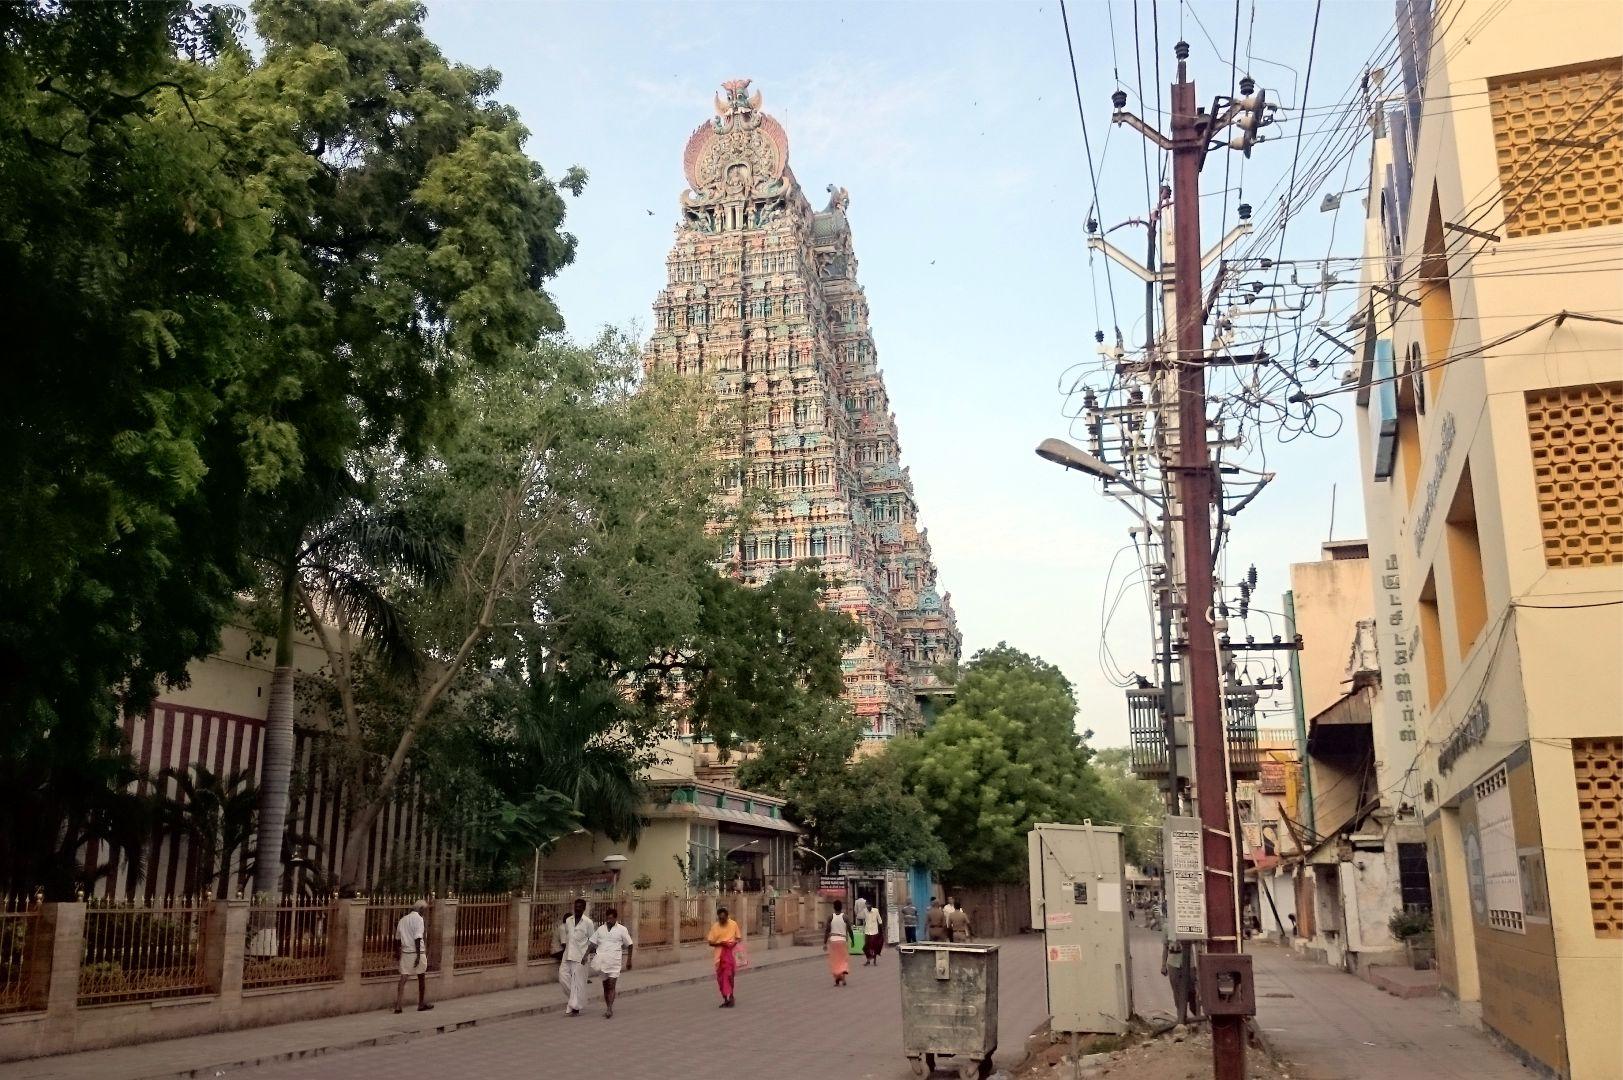 A híres Menaksi templom egyik gopuramja Maduraiban. A fotó baloldalán látható vörös-fehér csíkor fal a templom komplexum külső fala, a kép jobb oldalán pedig megcsodálhatod az indiai villanyszerelés egy konszolidált példáját...